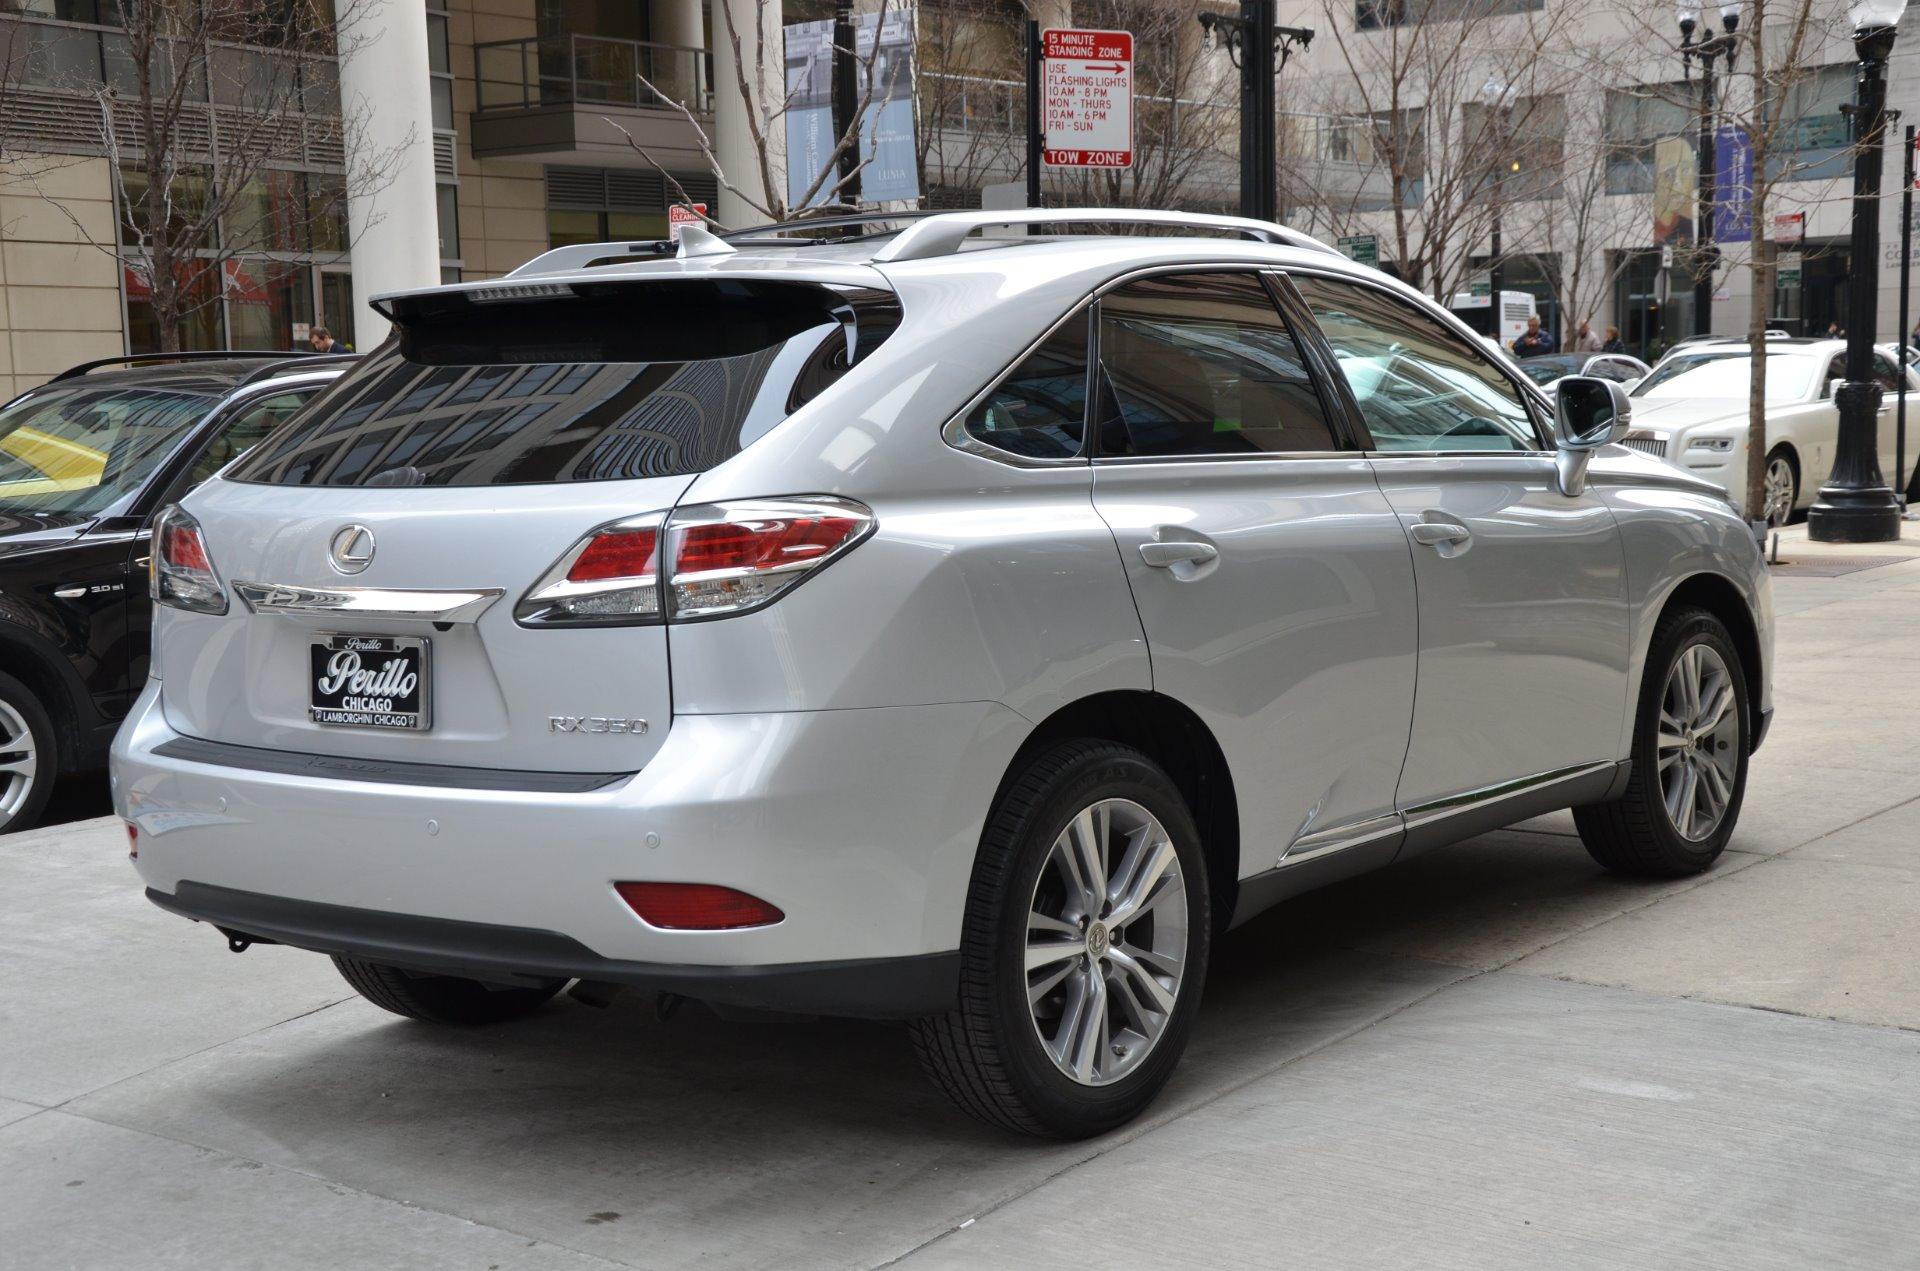 2015 Lexus RX 350 Stock GC CHRIS41 for sale near Chicago IL